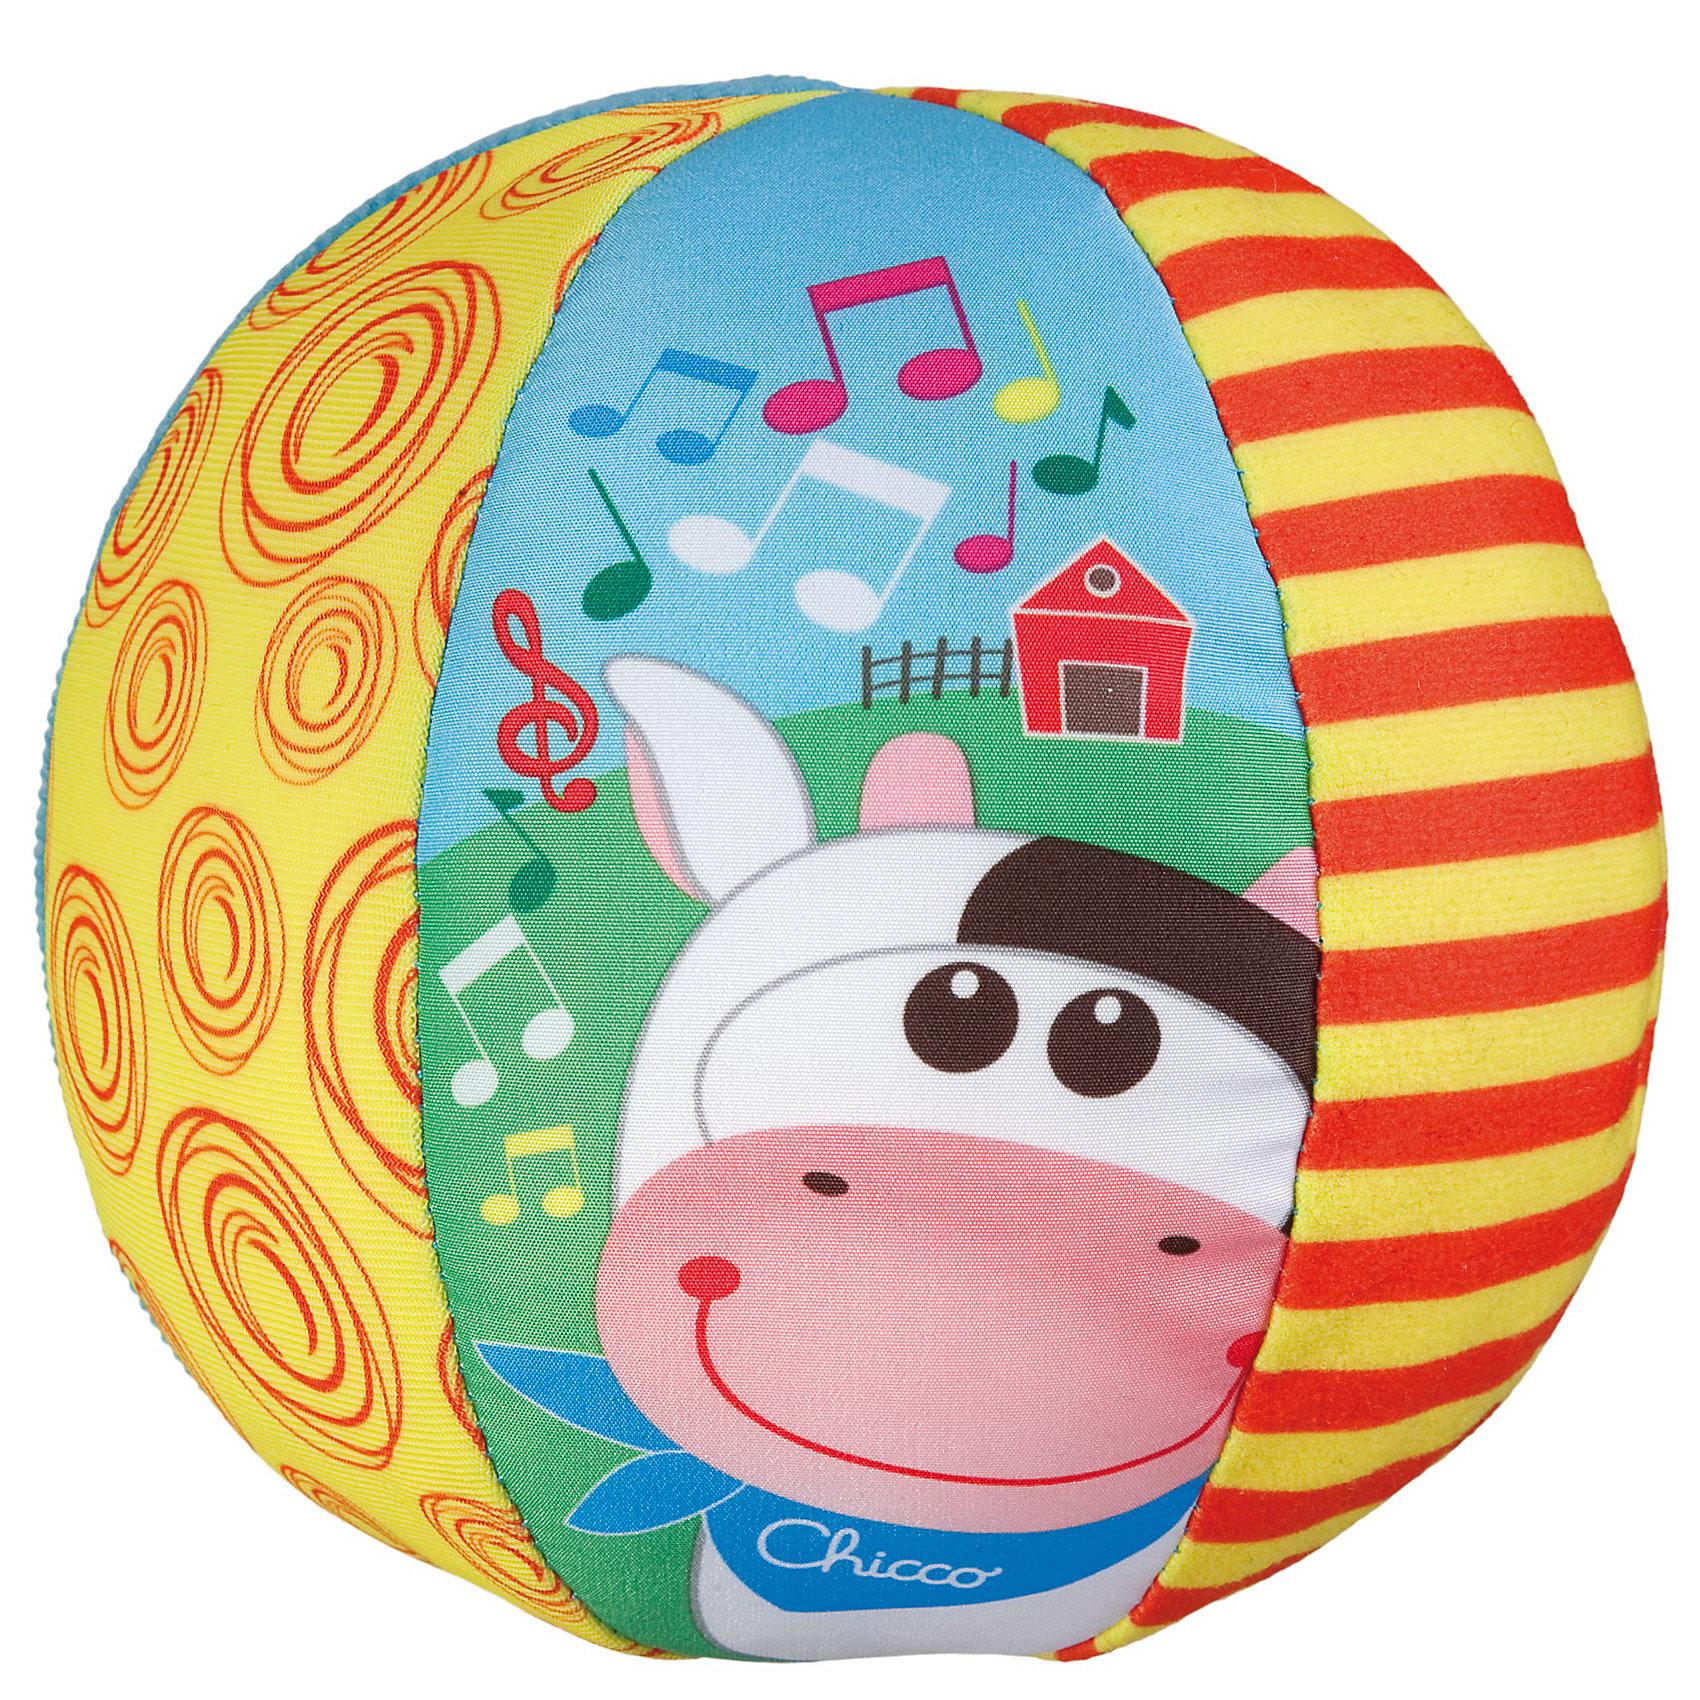 CHICCO Мягкая игрушка Музыкальный мячик, с коровкой, Chicco мячики chicco мягкий мячик 3м